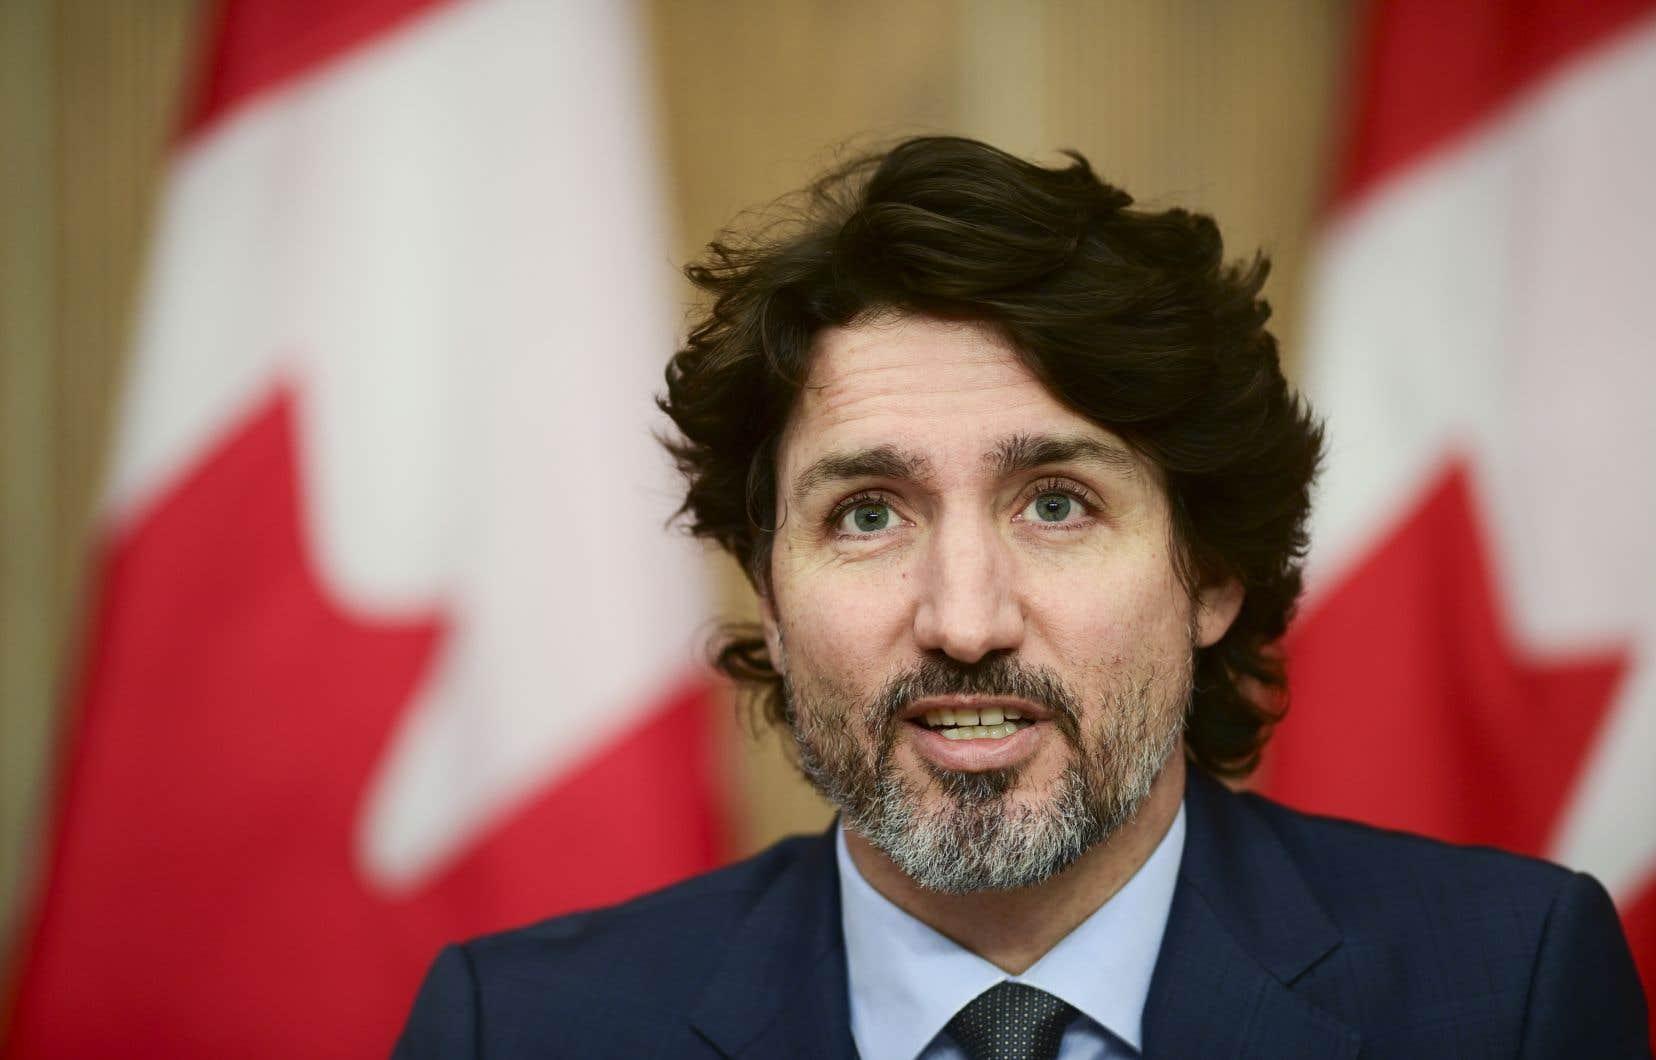 Le Canada a précommandé 10millions de doses du vaccin, mais JustinTrudeau affirme que le pays n'a toujours pas de date pour la réception des premières livraisons.